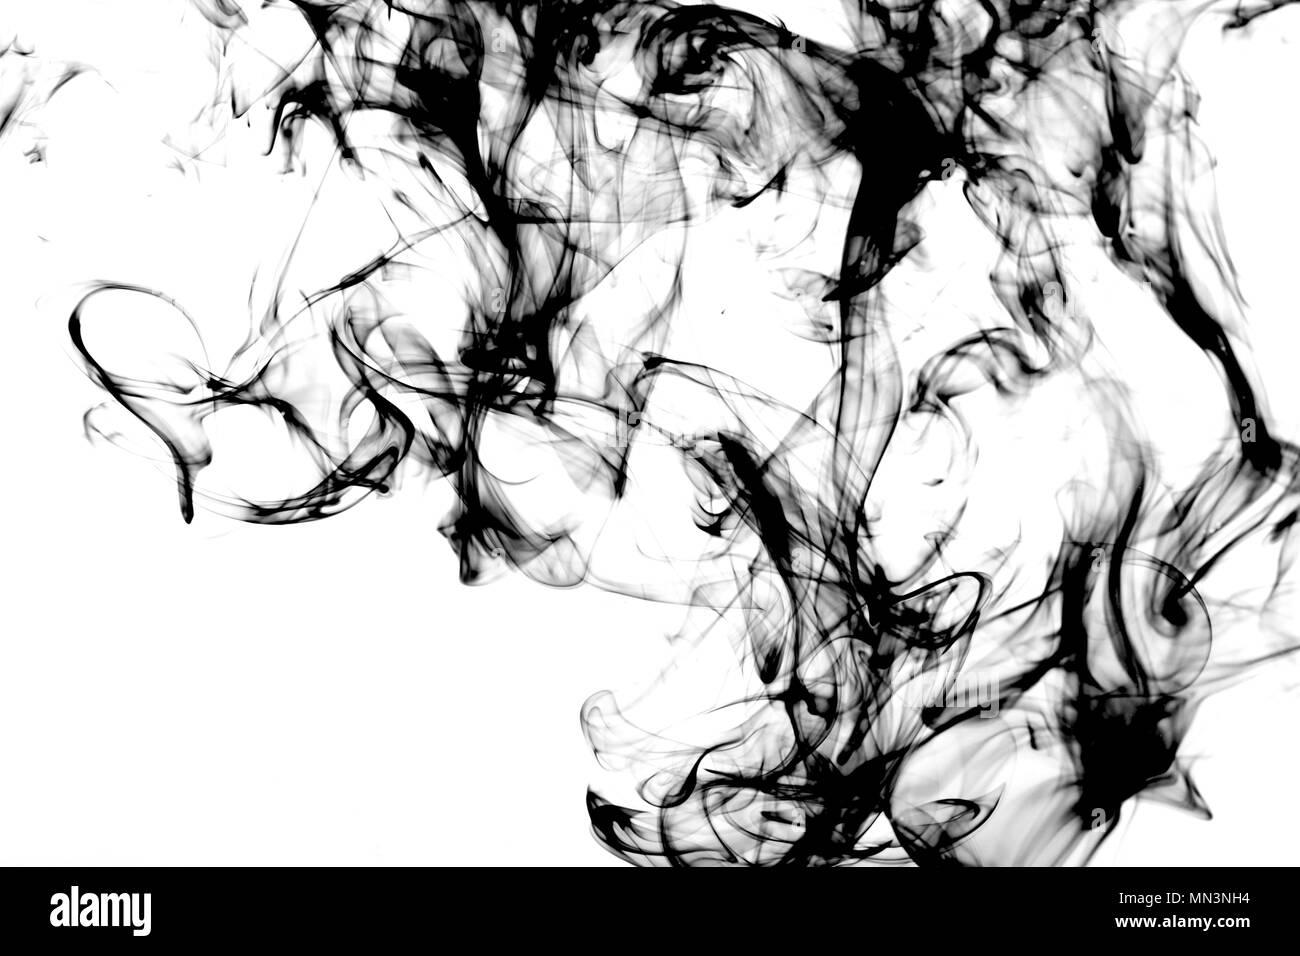 Astrazione colorato su sfondo bianco, studio di illuminazione Immagini Stock